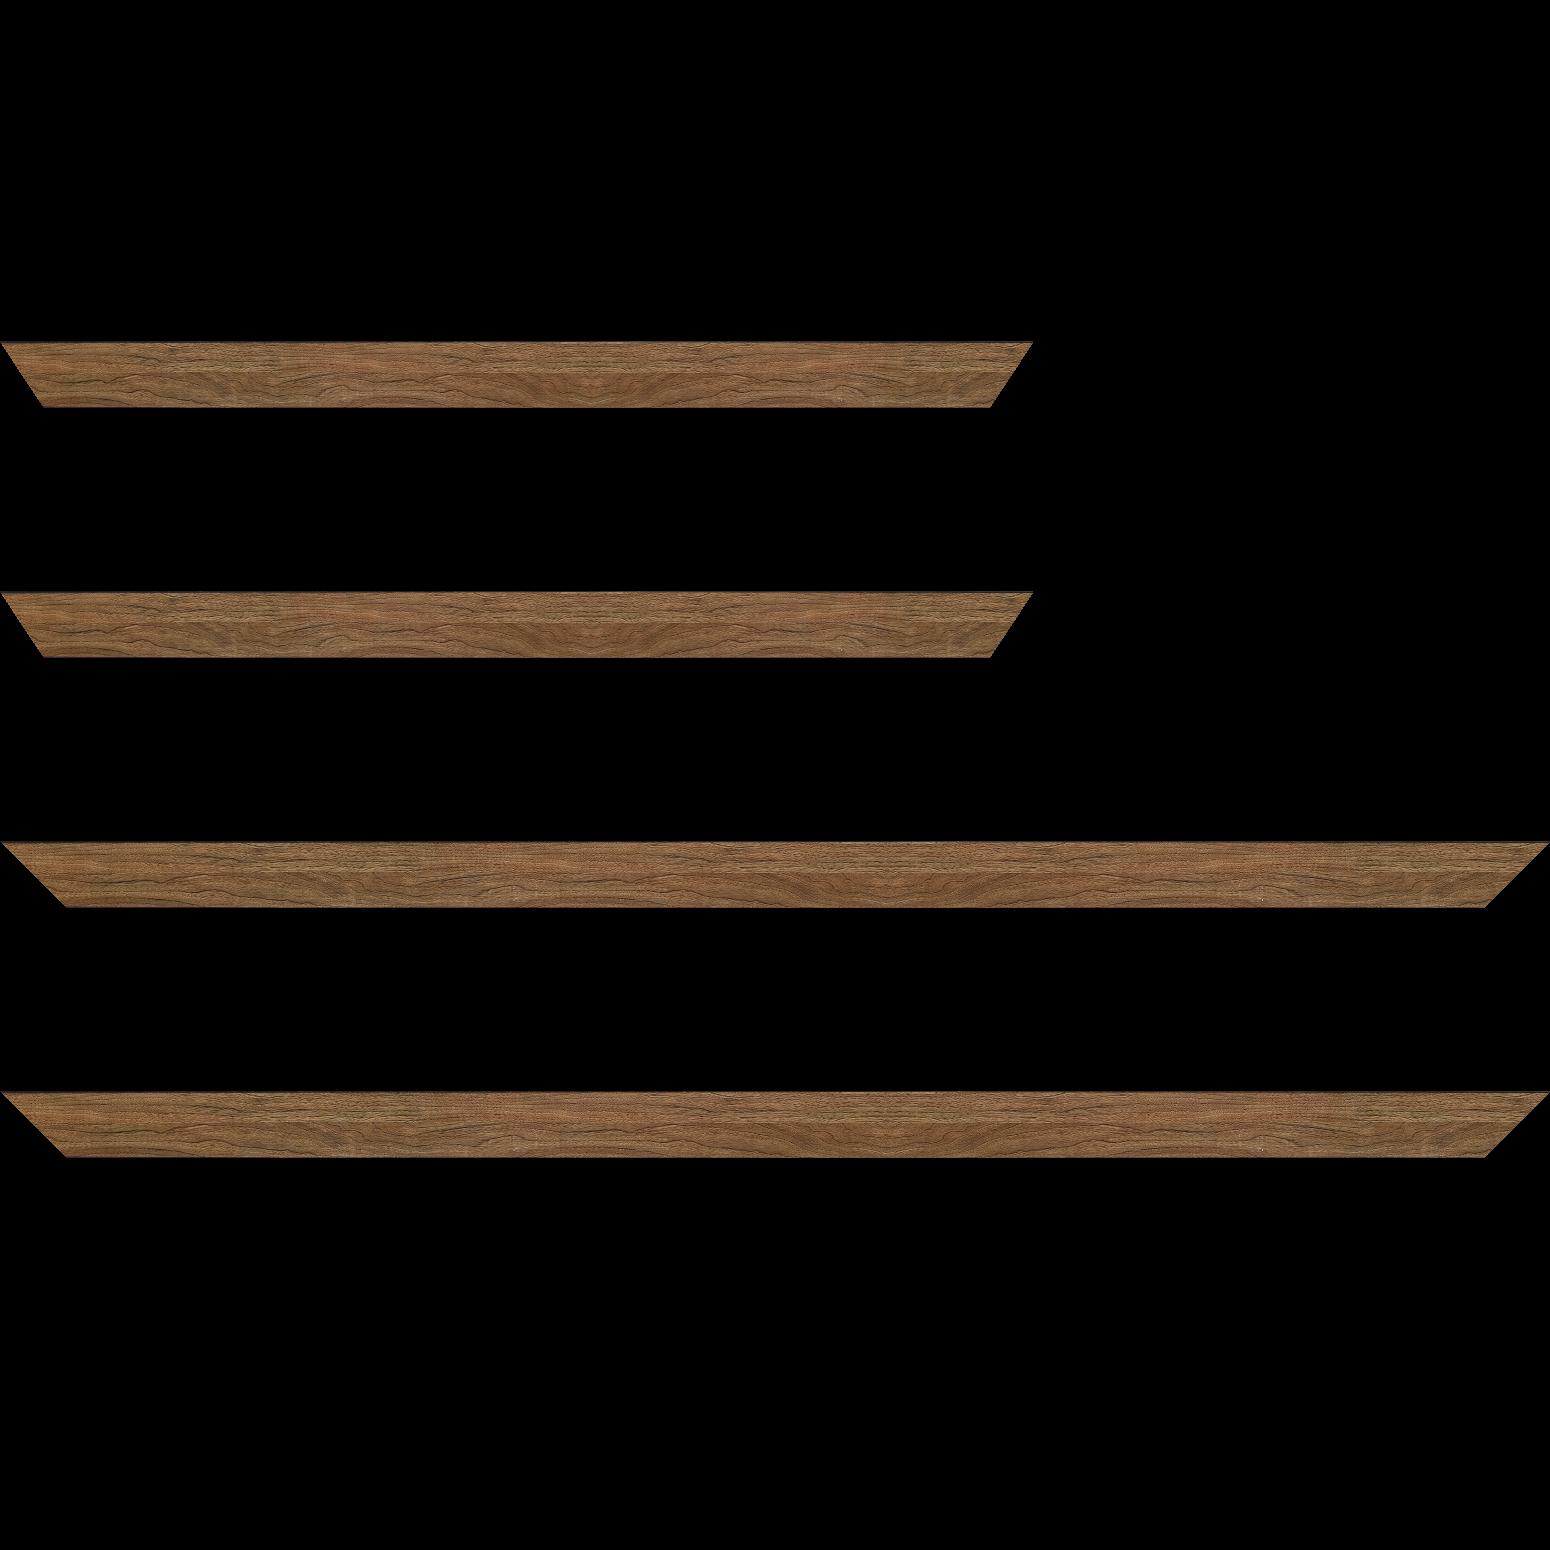 Baguette service précoupé Bois profil plat largeur 2cm décor bois chêne doré